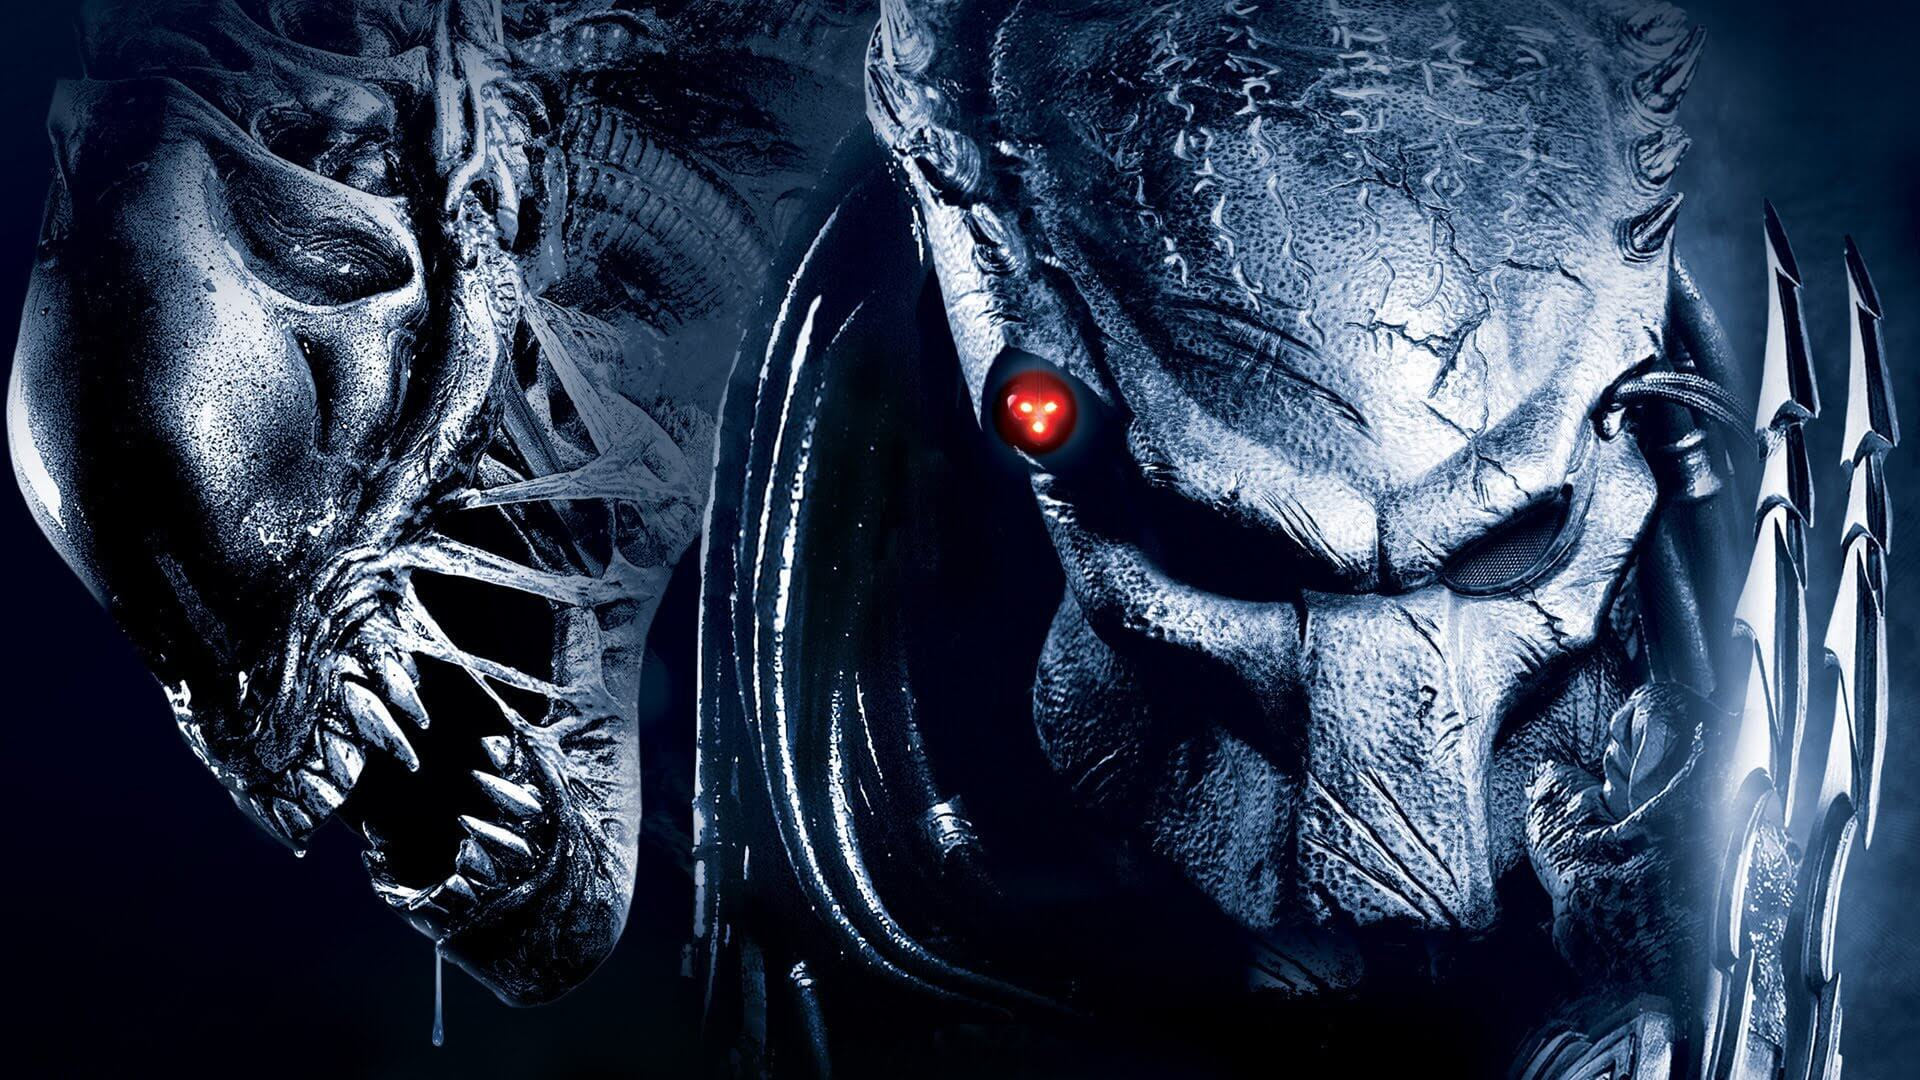 'Alien vs Predator' Writer Responds To Sigourney Weaver Criticisms